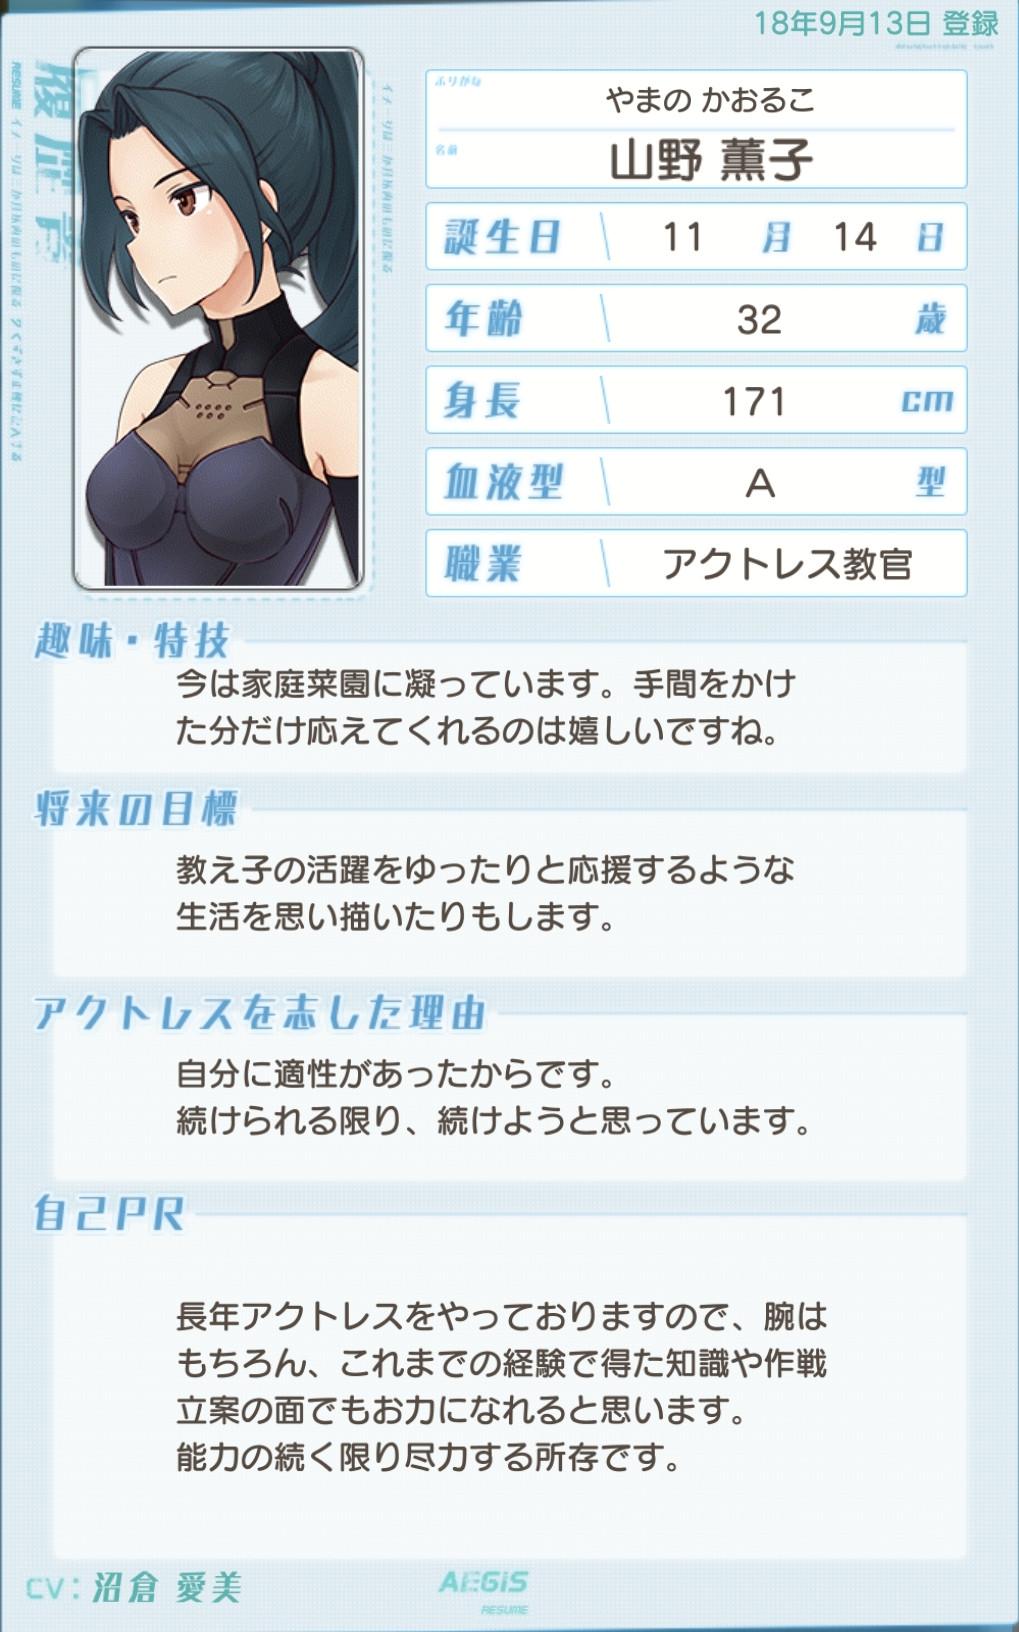 kaoruko_rireki.jpg